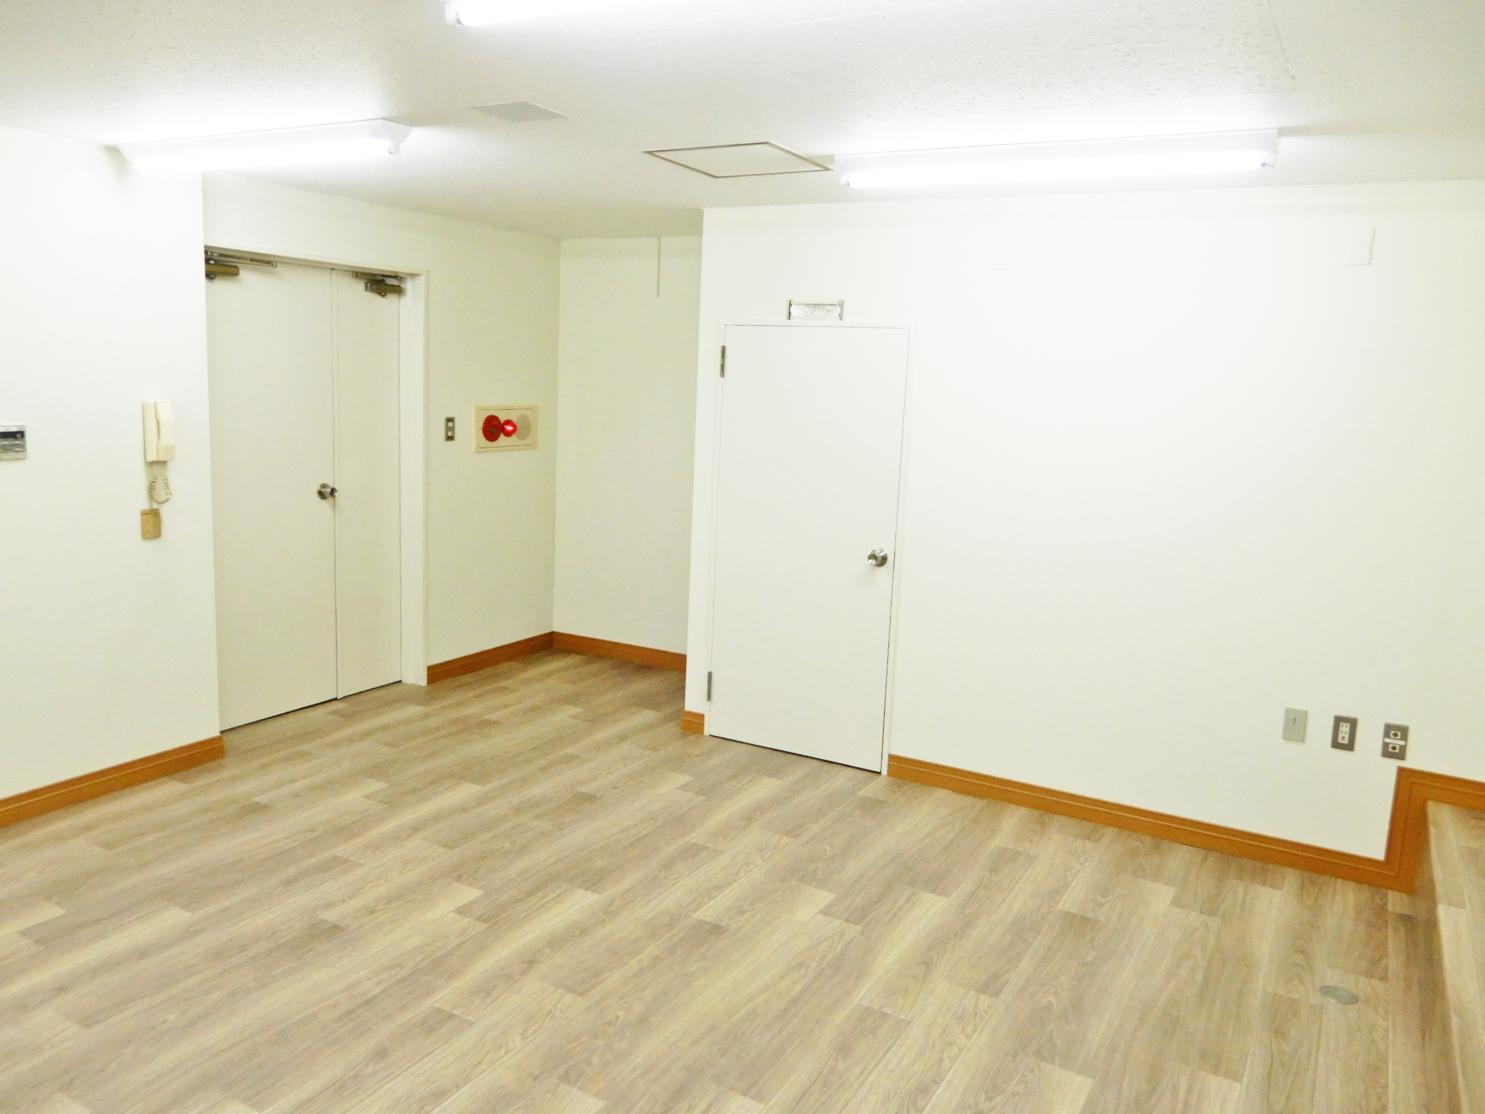 アーツ本庄 210号室_アイキャッチ画像